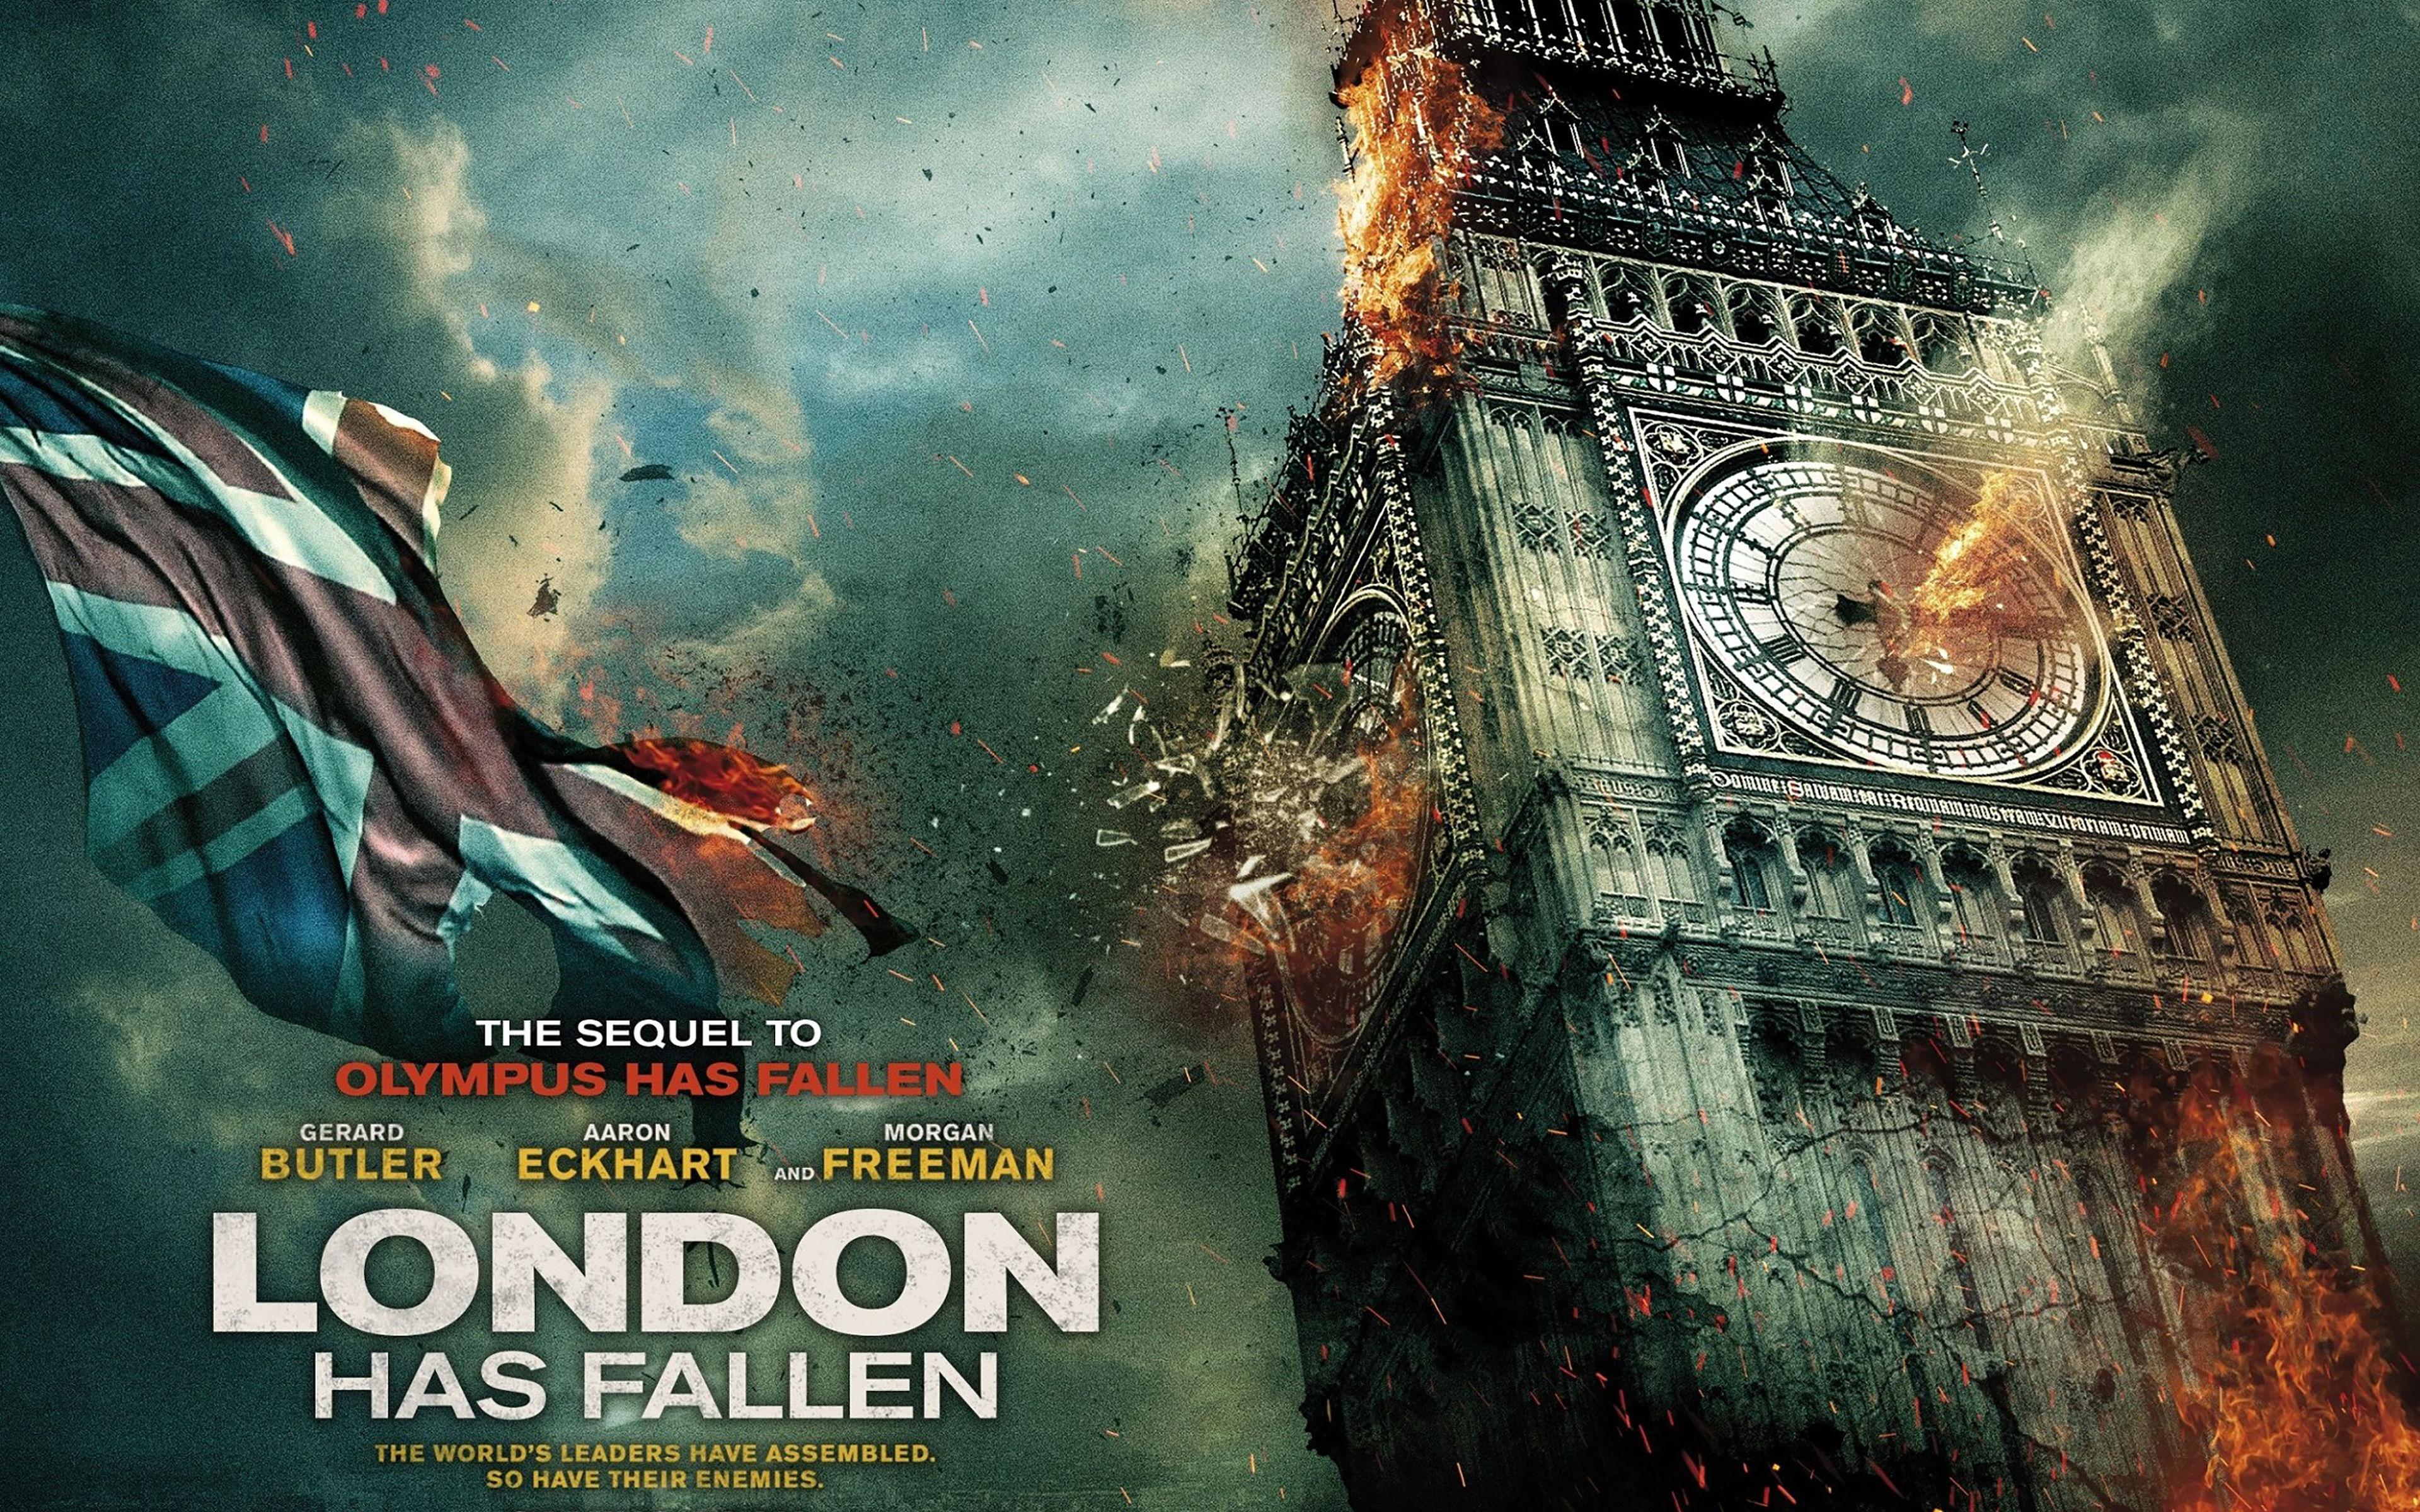 London Has Fallen 2015 Movie HD Wallpapers 3840x2400